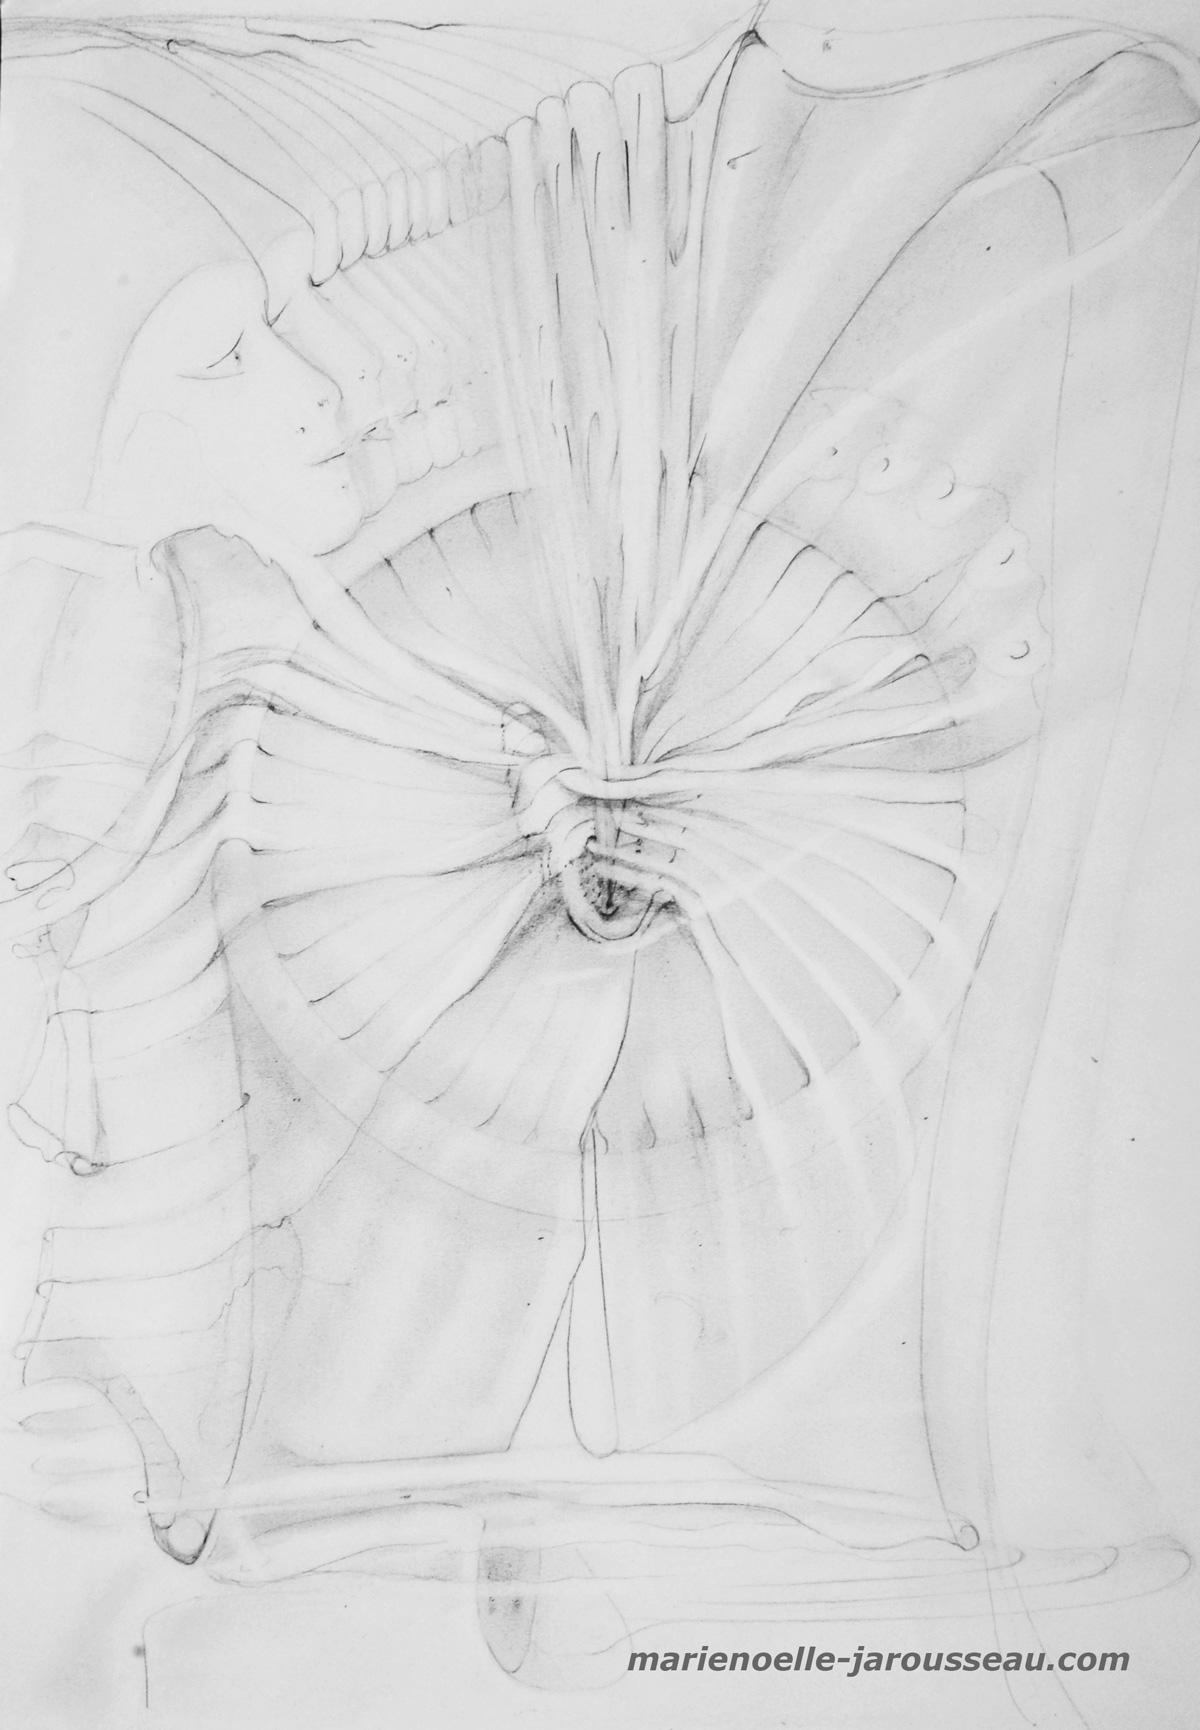 208 - LA BAIGNEUSE & LA MEDUSE - crayon - 29,7 x 42